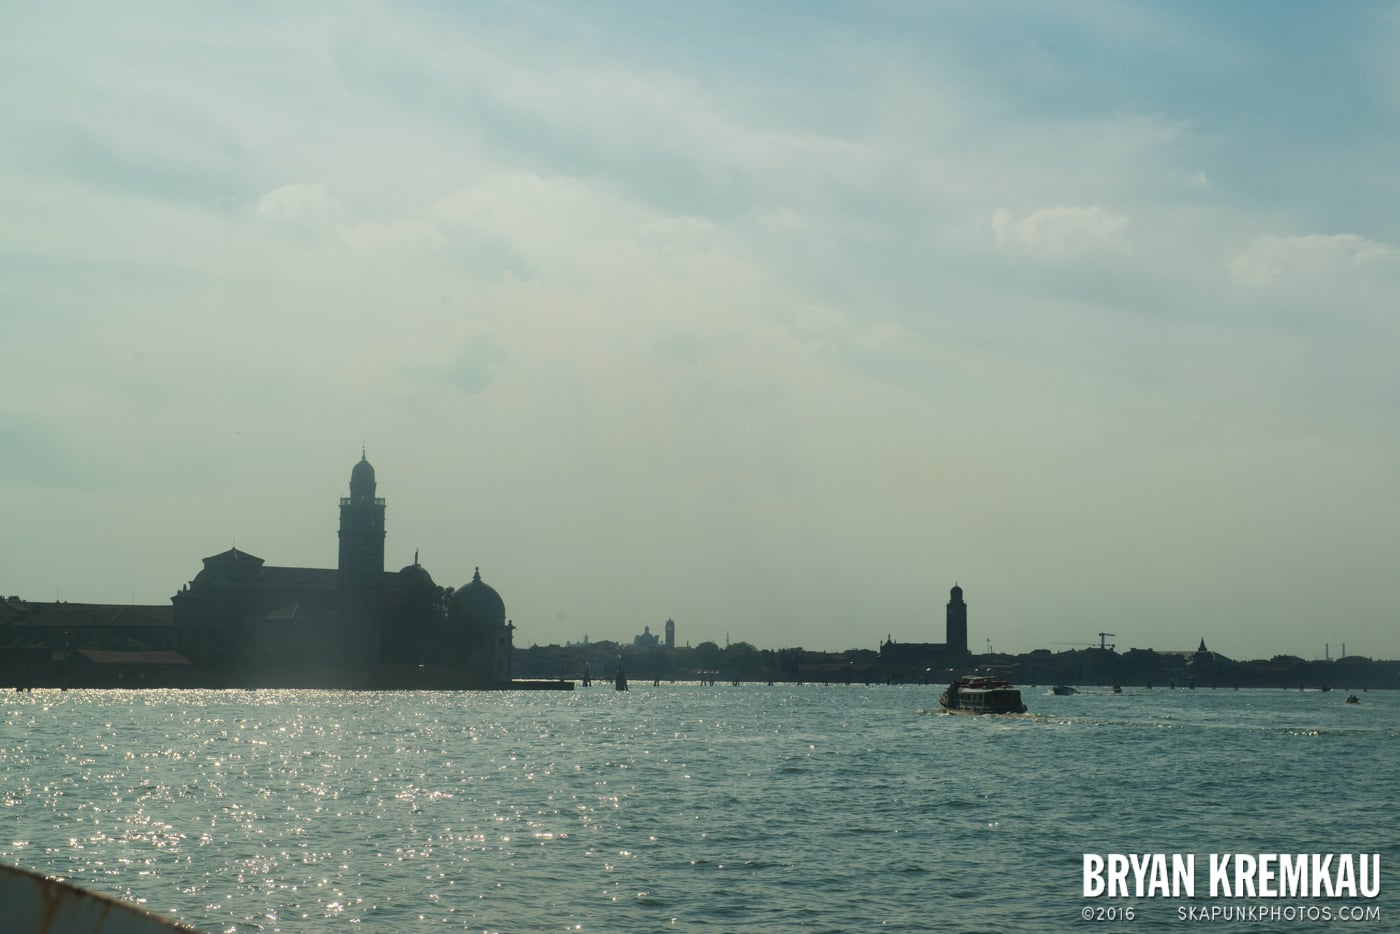 Italy Vacation - Day 6: Murano, Burano, Venice - 9.14.13 (18)